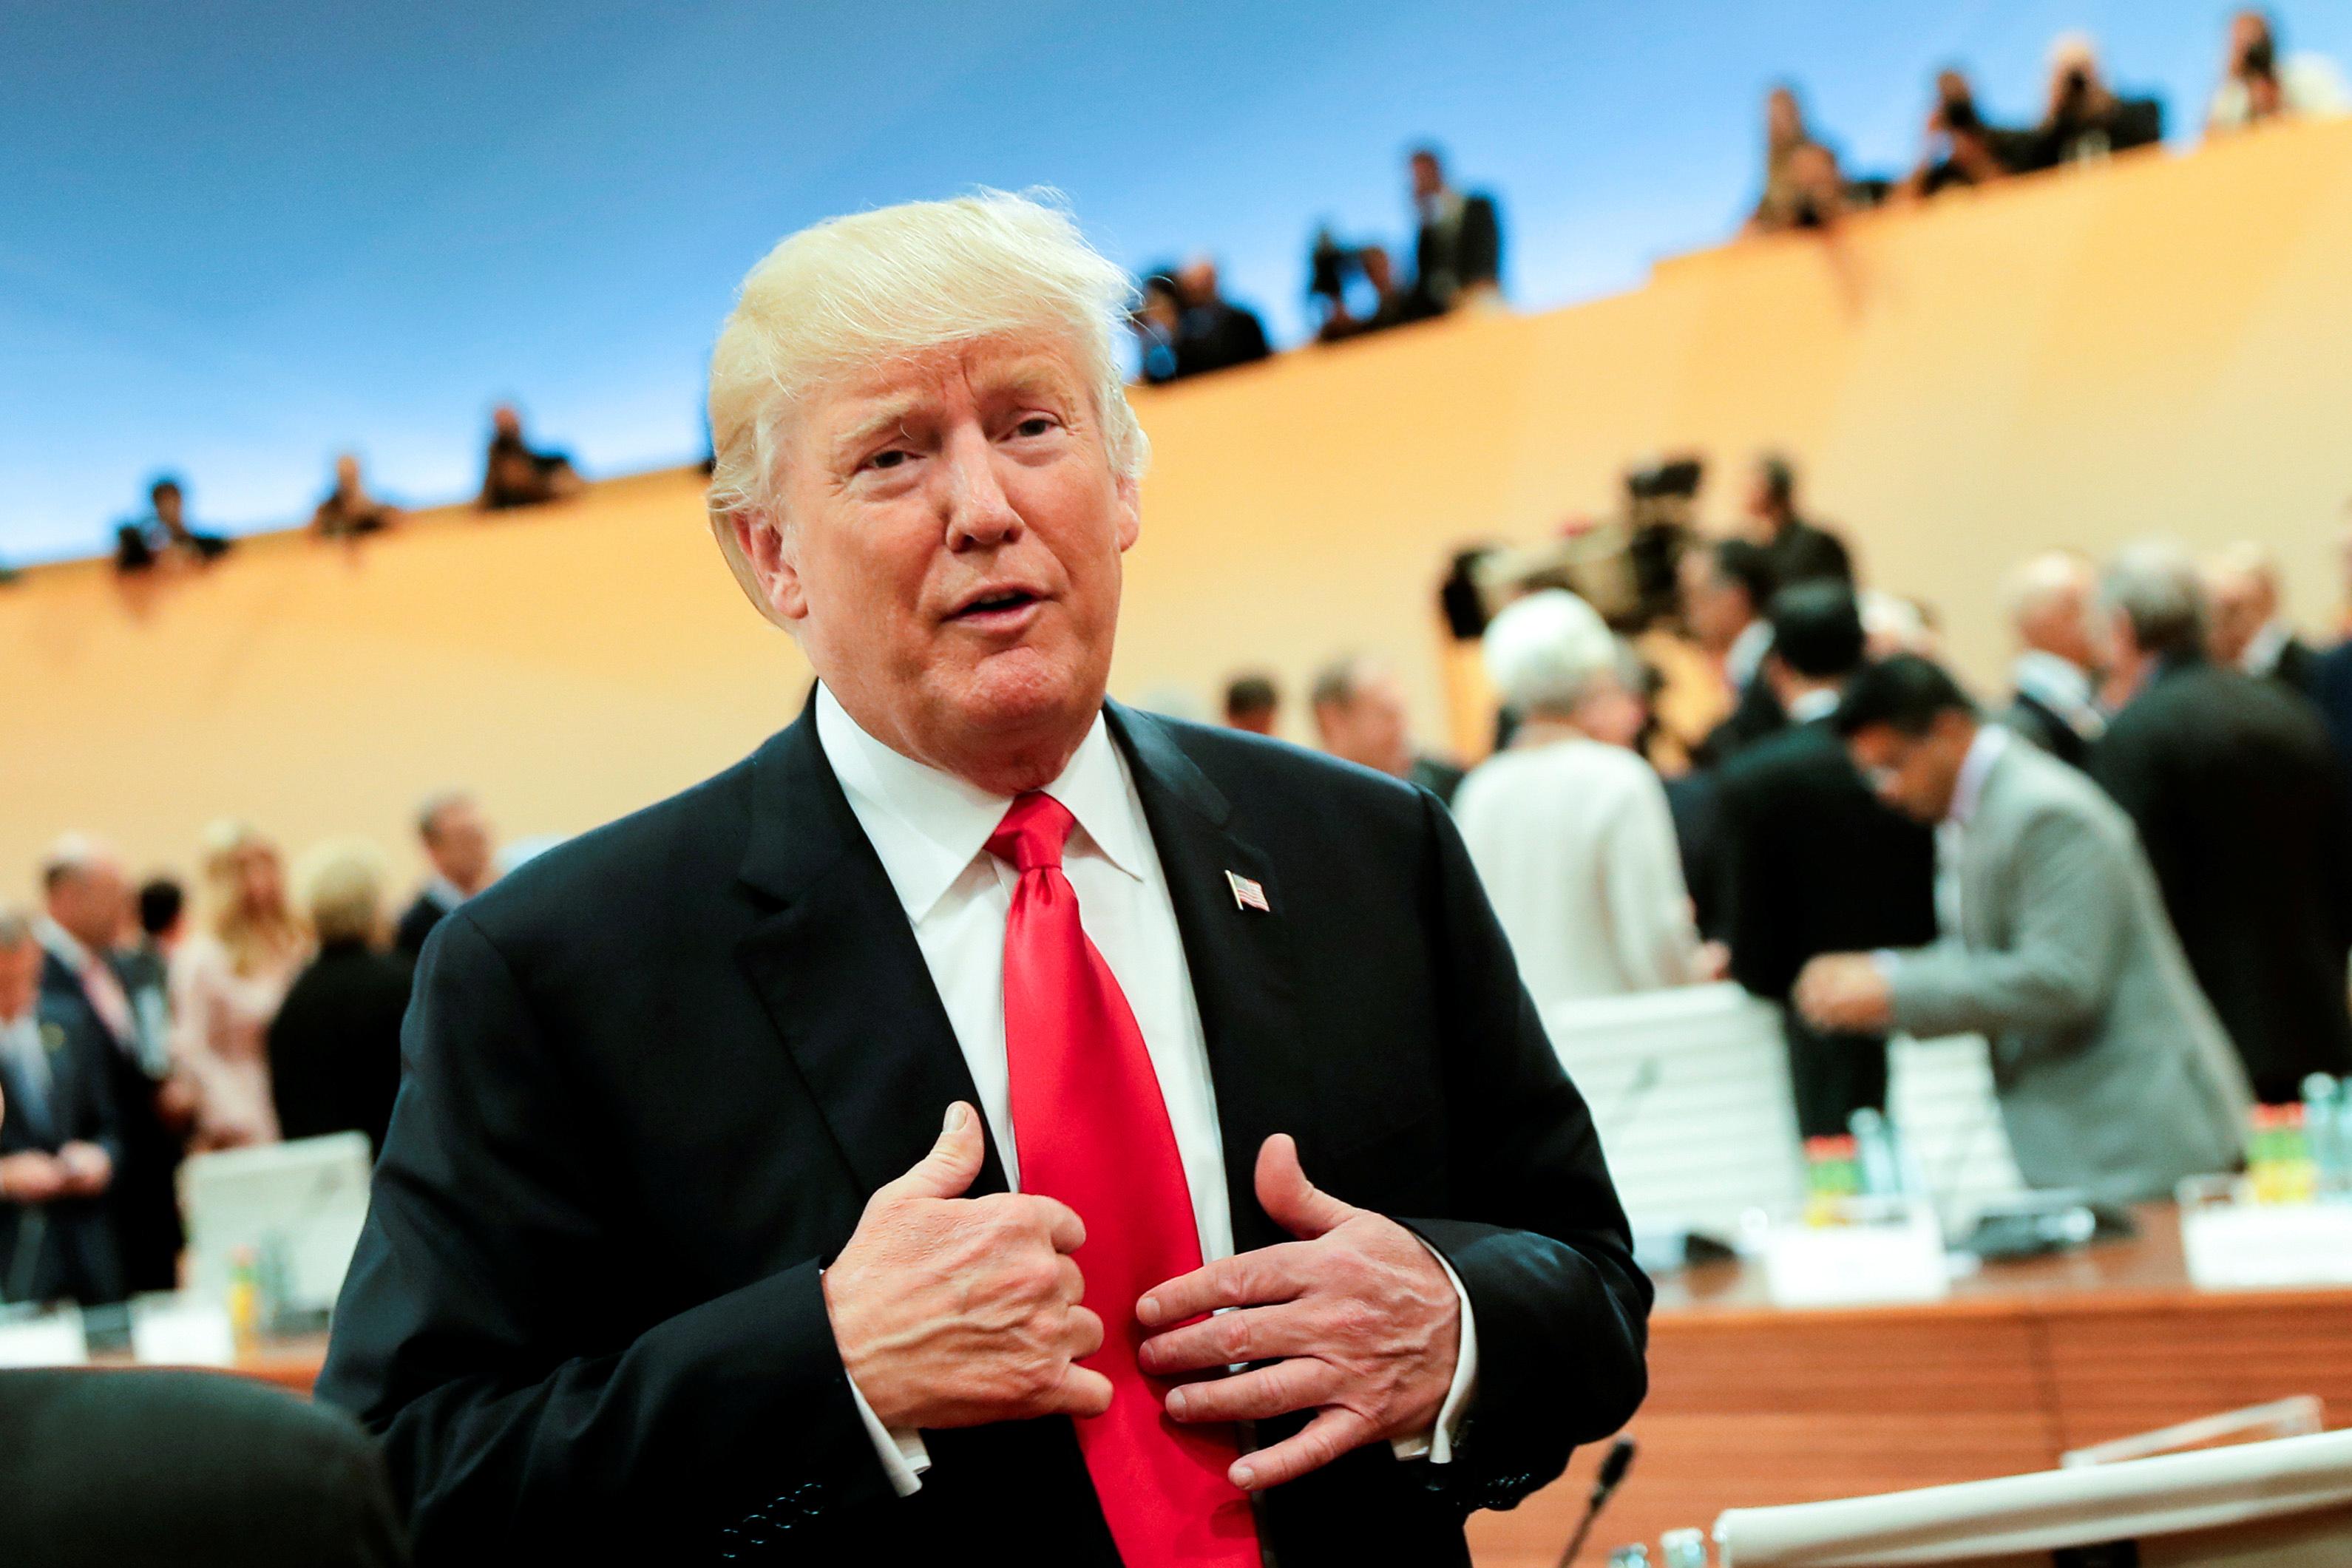 G-20 summit in Hamburg